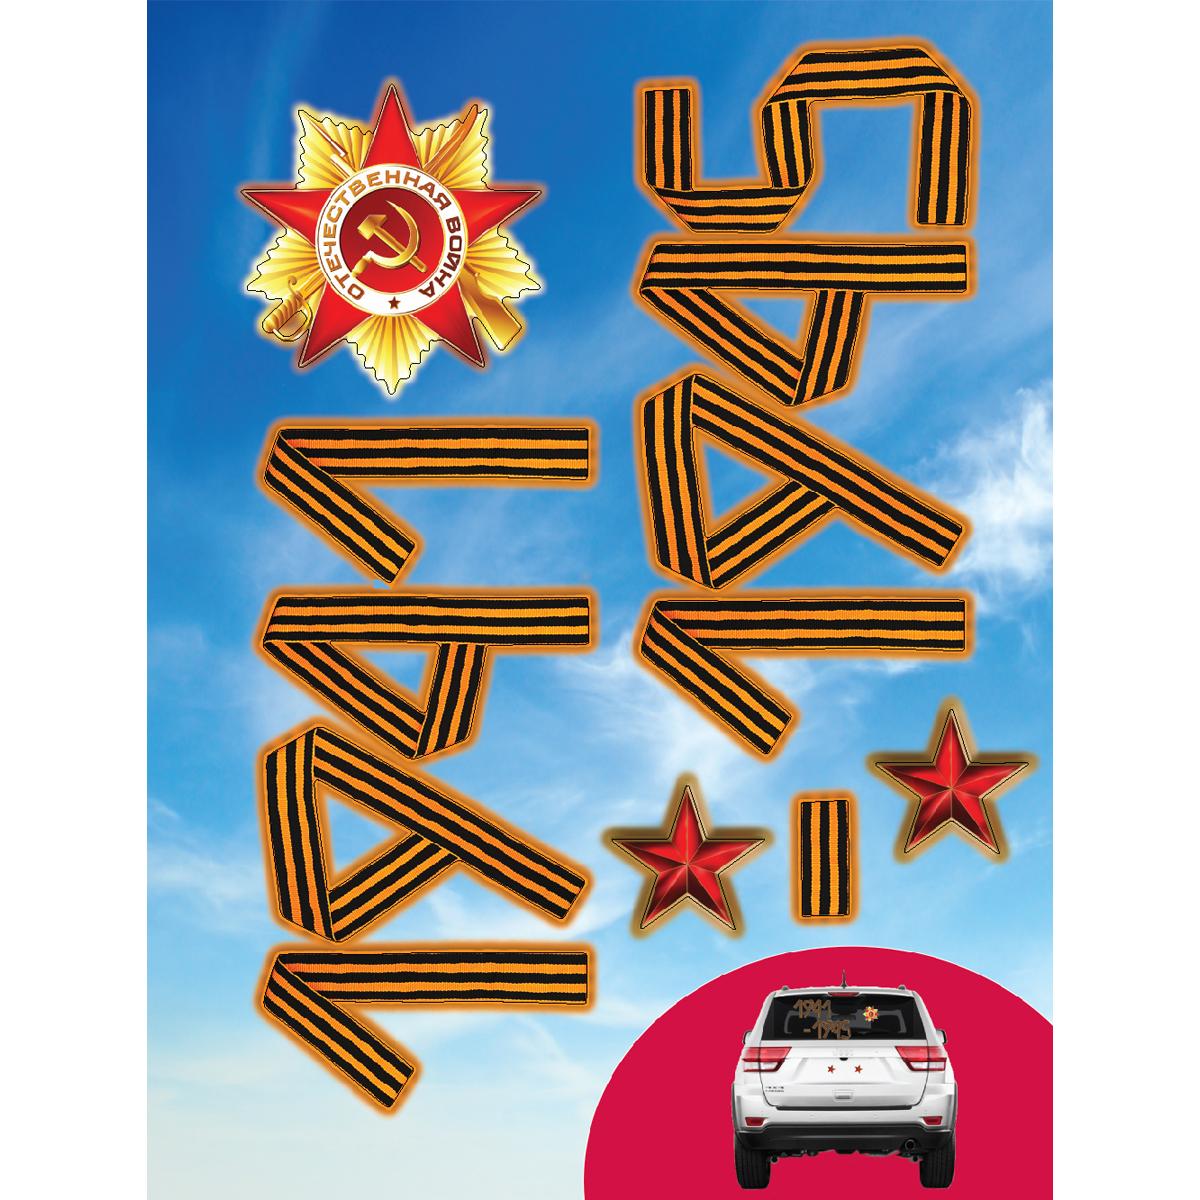 Наклейка автомобильная Decoretto Великая Отечественная, виниловая, 37 х 50 смHJ 4003 ДекорВиниловая наклейка Decoretto Великая Отечественная - это простой и практичный способ украсить свой автомобиль ко Дню Победы. Такая наклейка может быть нанесена на любую поверхность: стекло, пластик или металл. Стикер не оставляет следов.